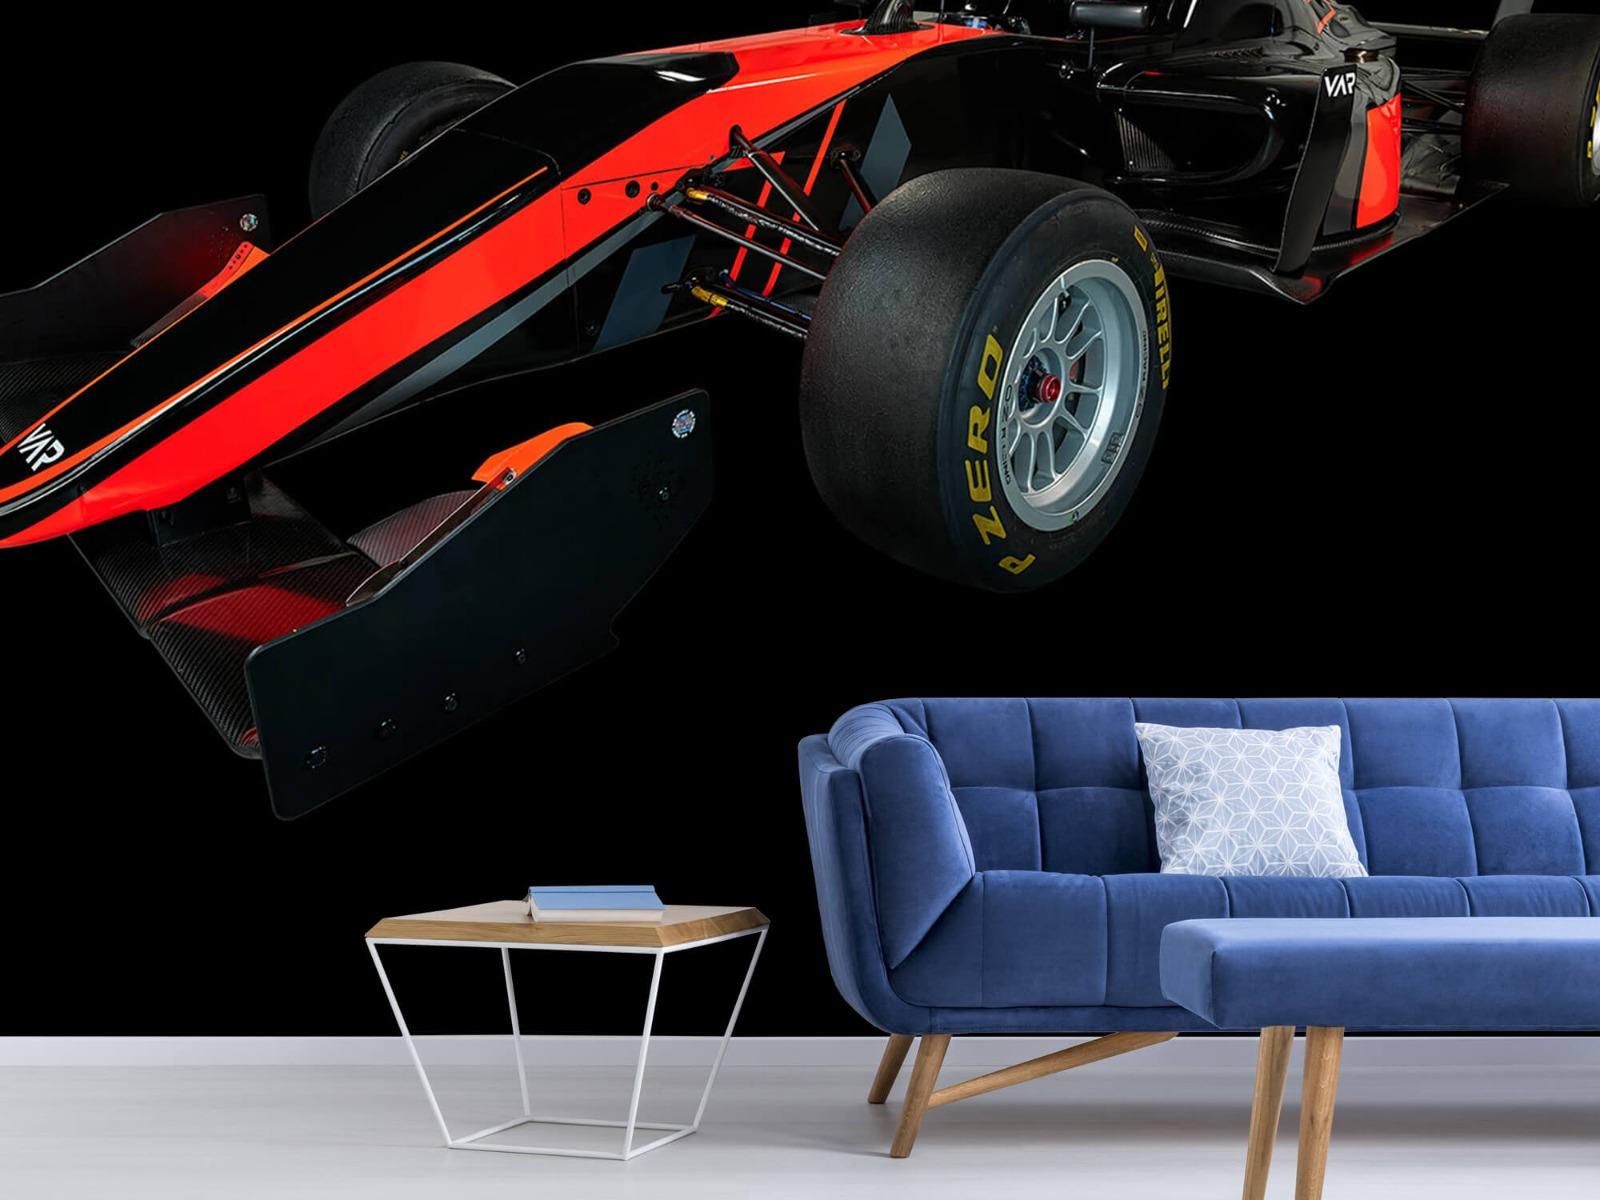 Sportauto's - Formule 3 - Left front view - dark - Vergaderruimte 4